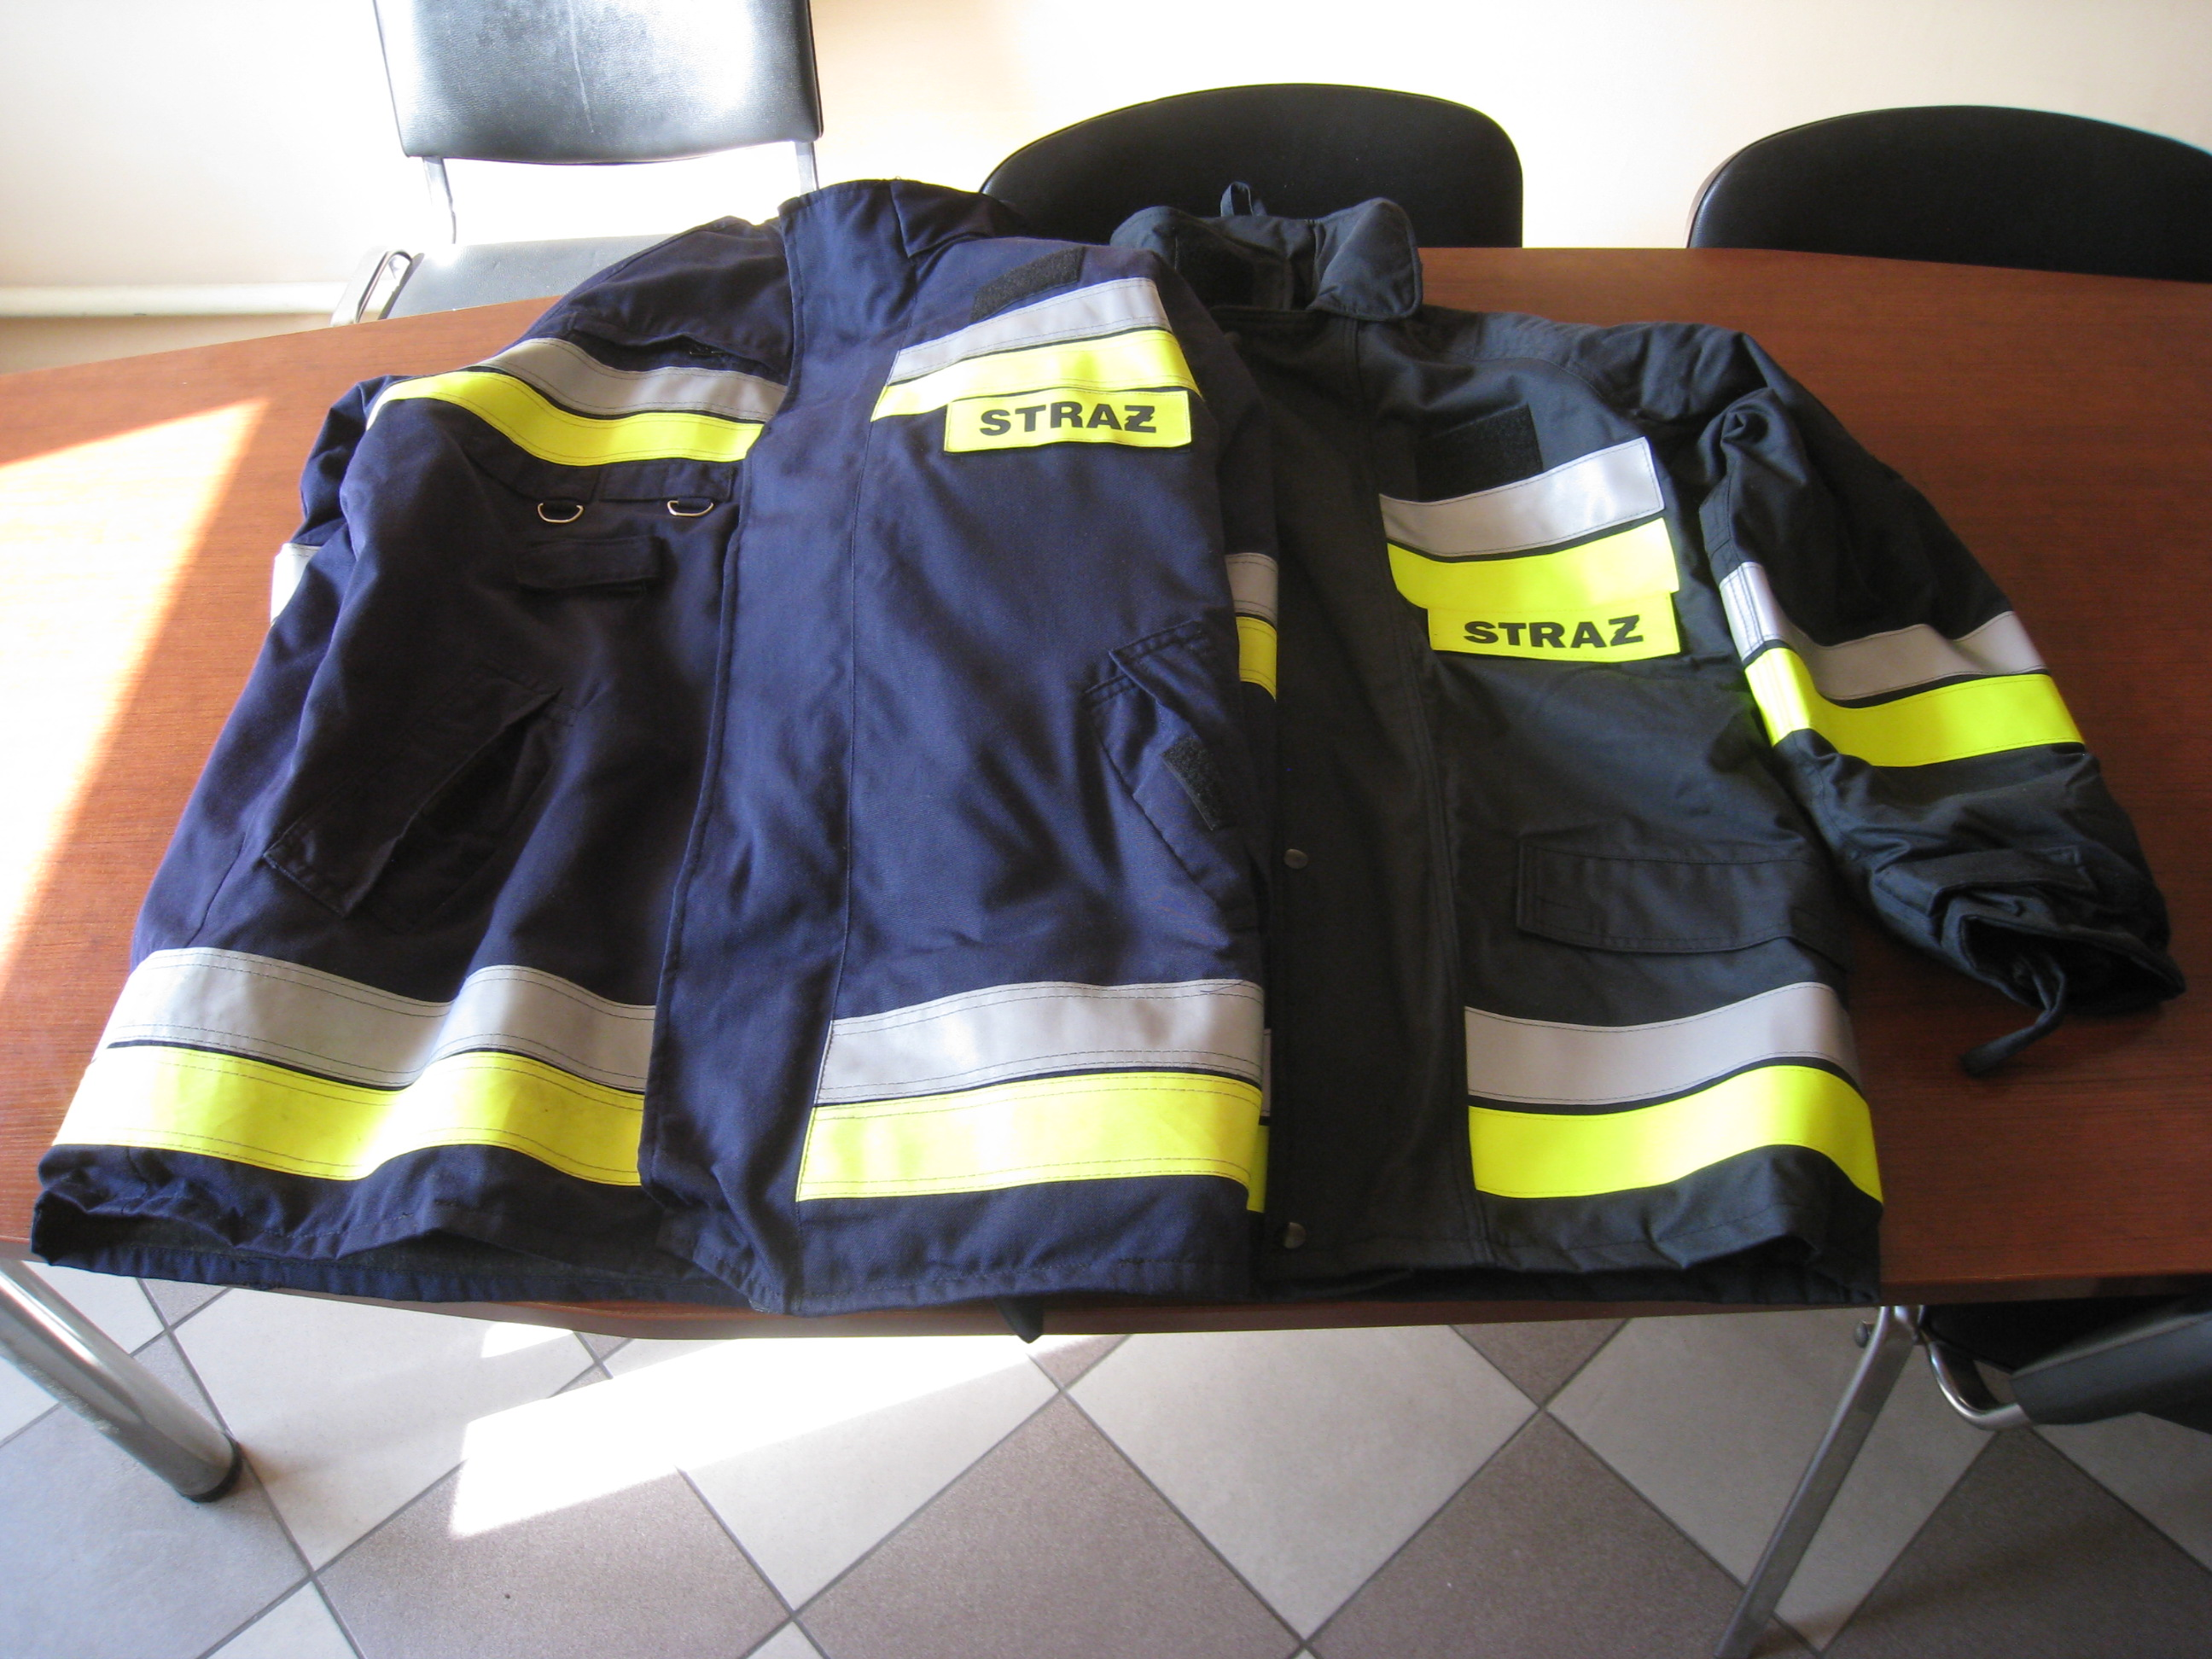 Ubranie strażackie